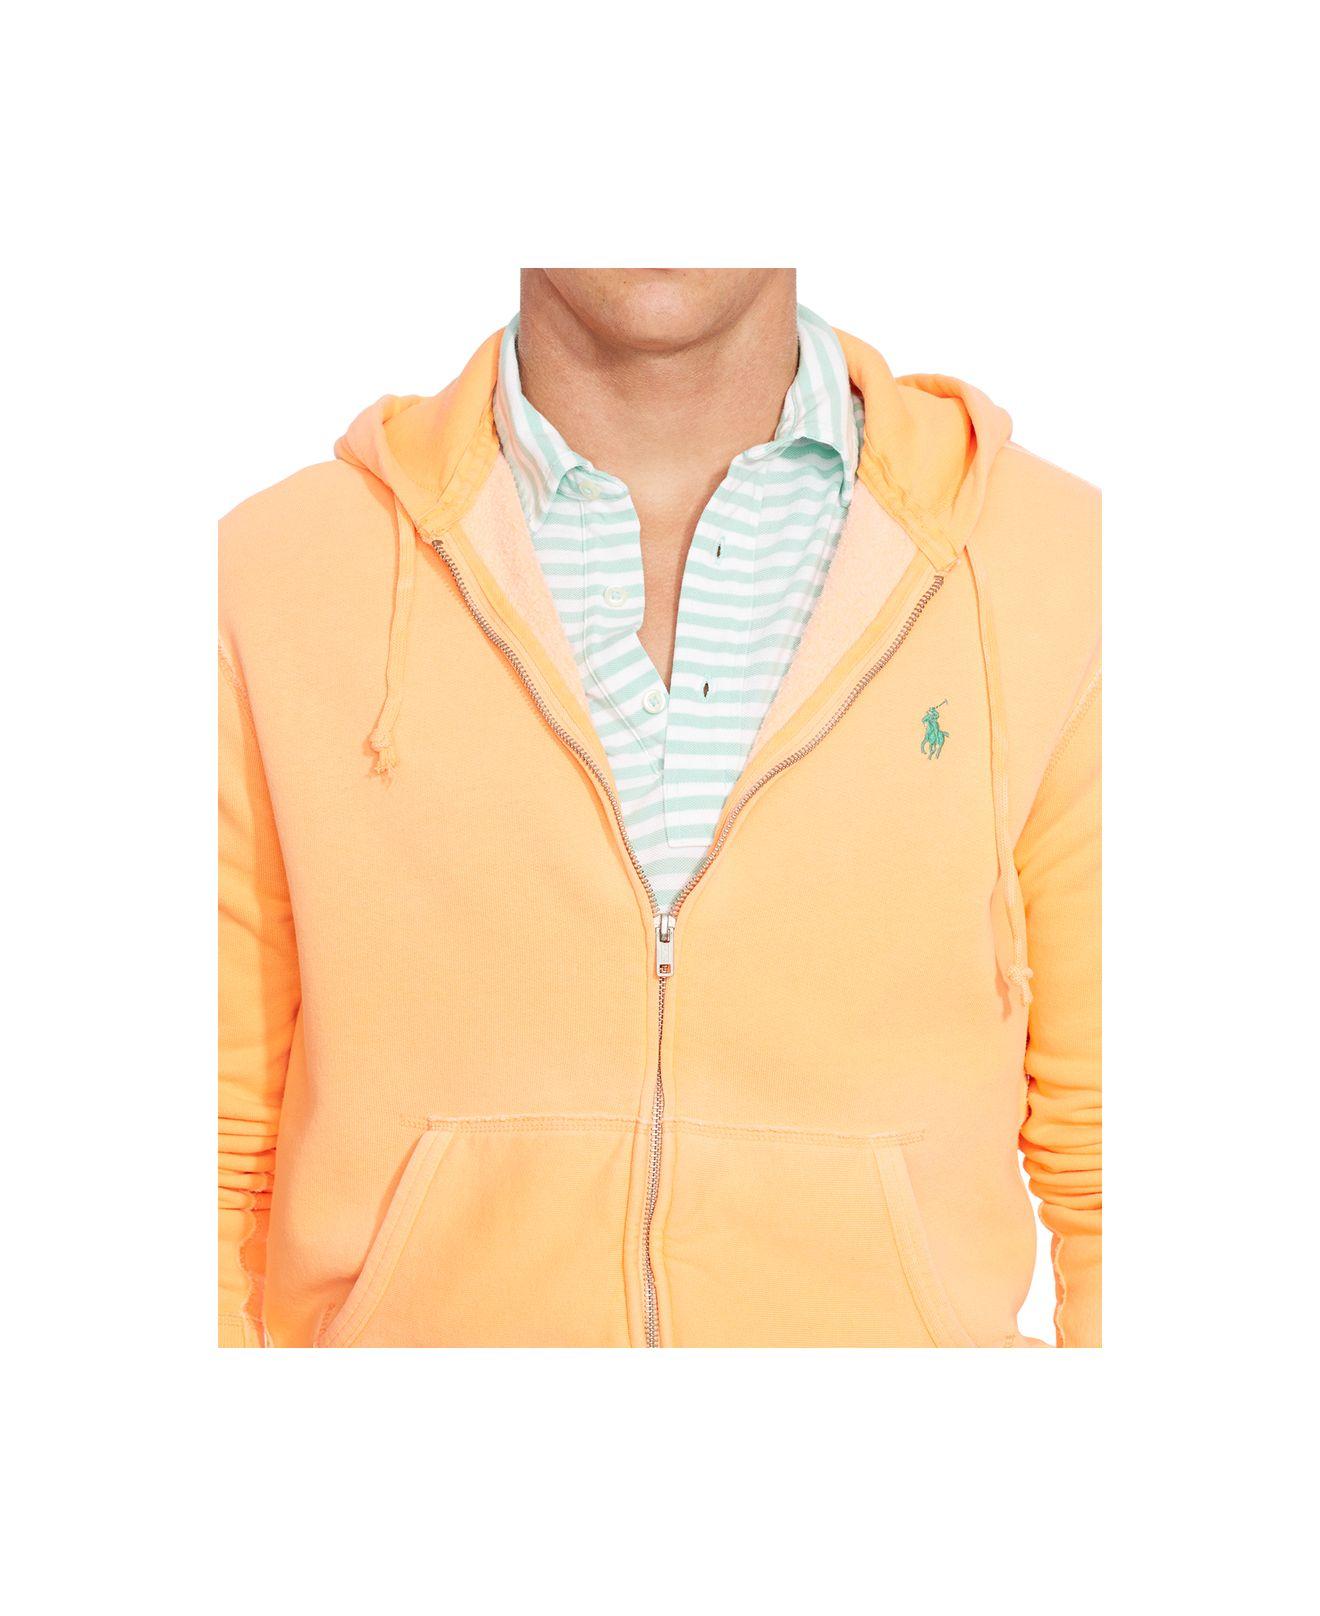 polo ralph lauren full zip fleece hoodie in orange for men. Black Bedroom Furniture Sets. Home Design Ideas